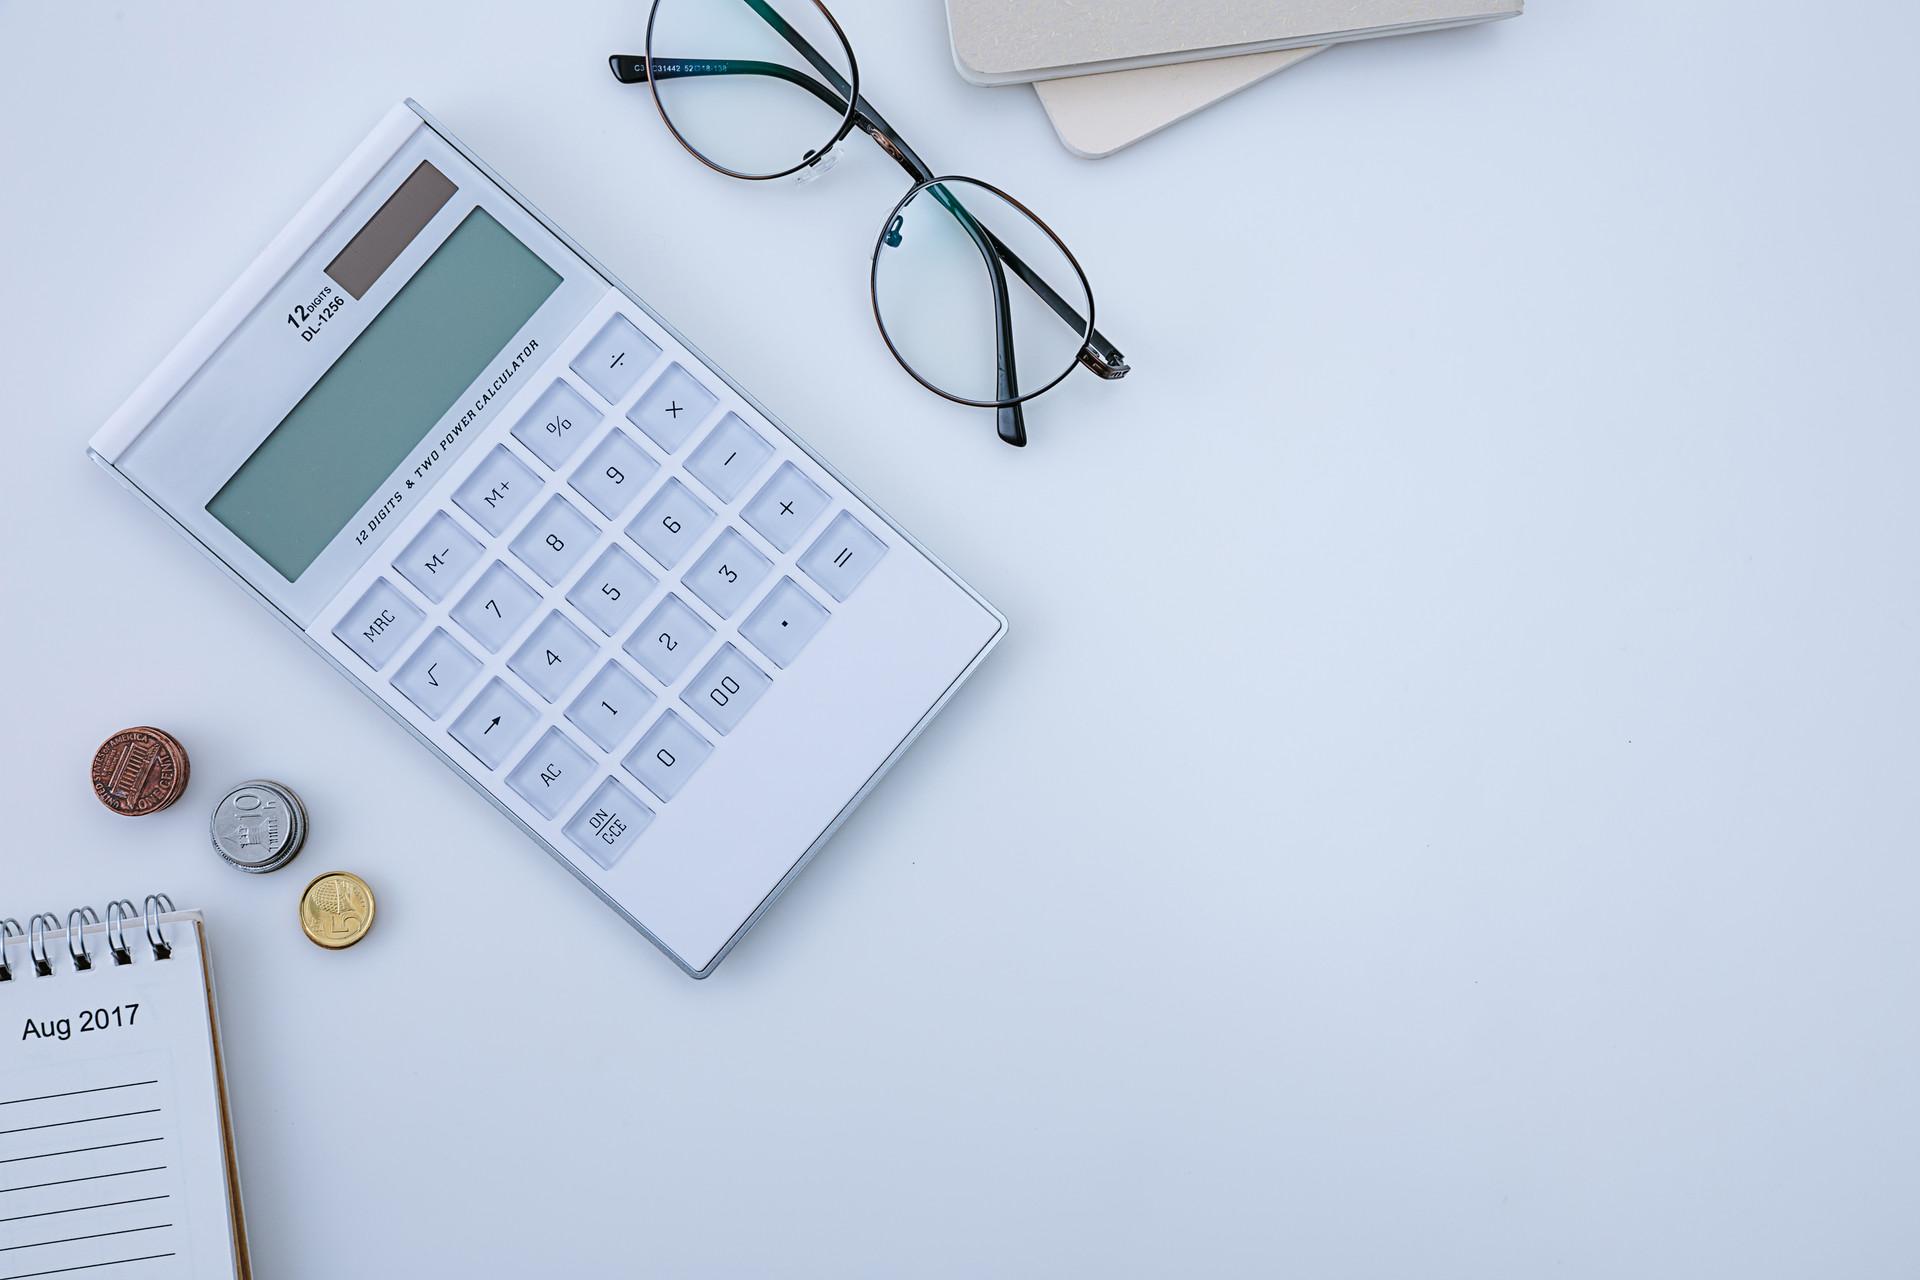 工资条怎么做靠的不是手速而是对办公软件的熟练运用